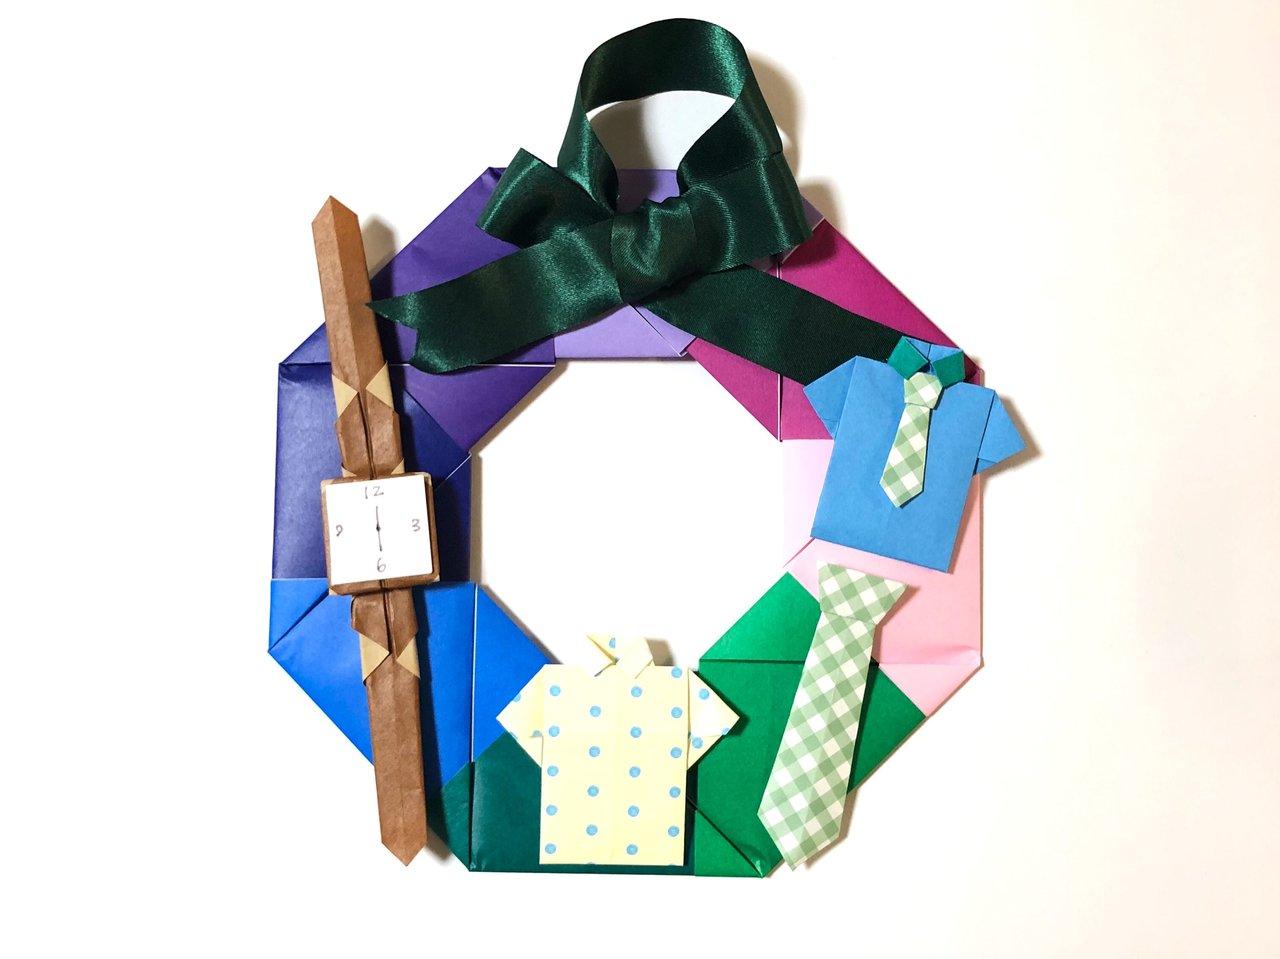 「パパありがとう」が伝わる父の日リース!親子で作れる折り紙工作